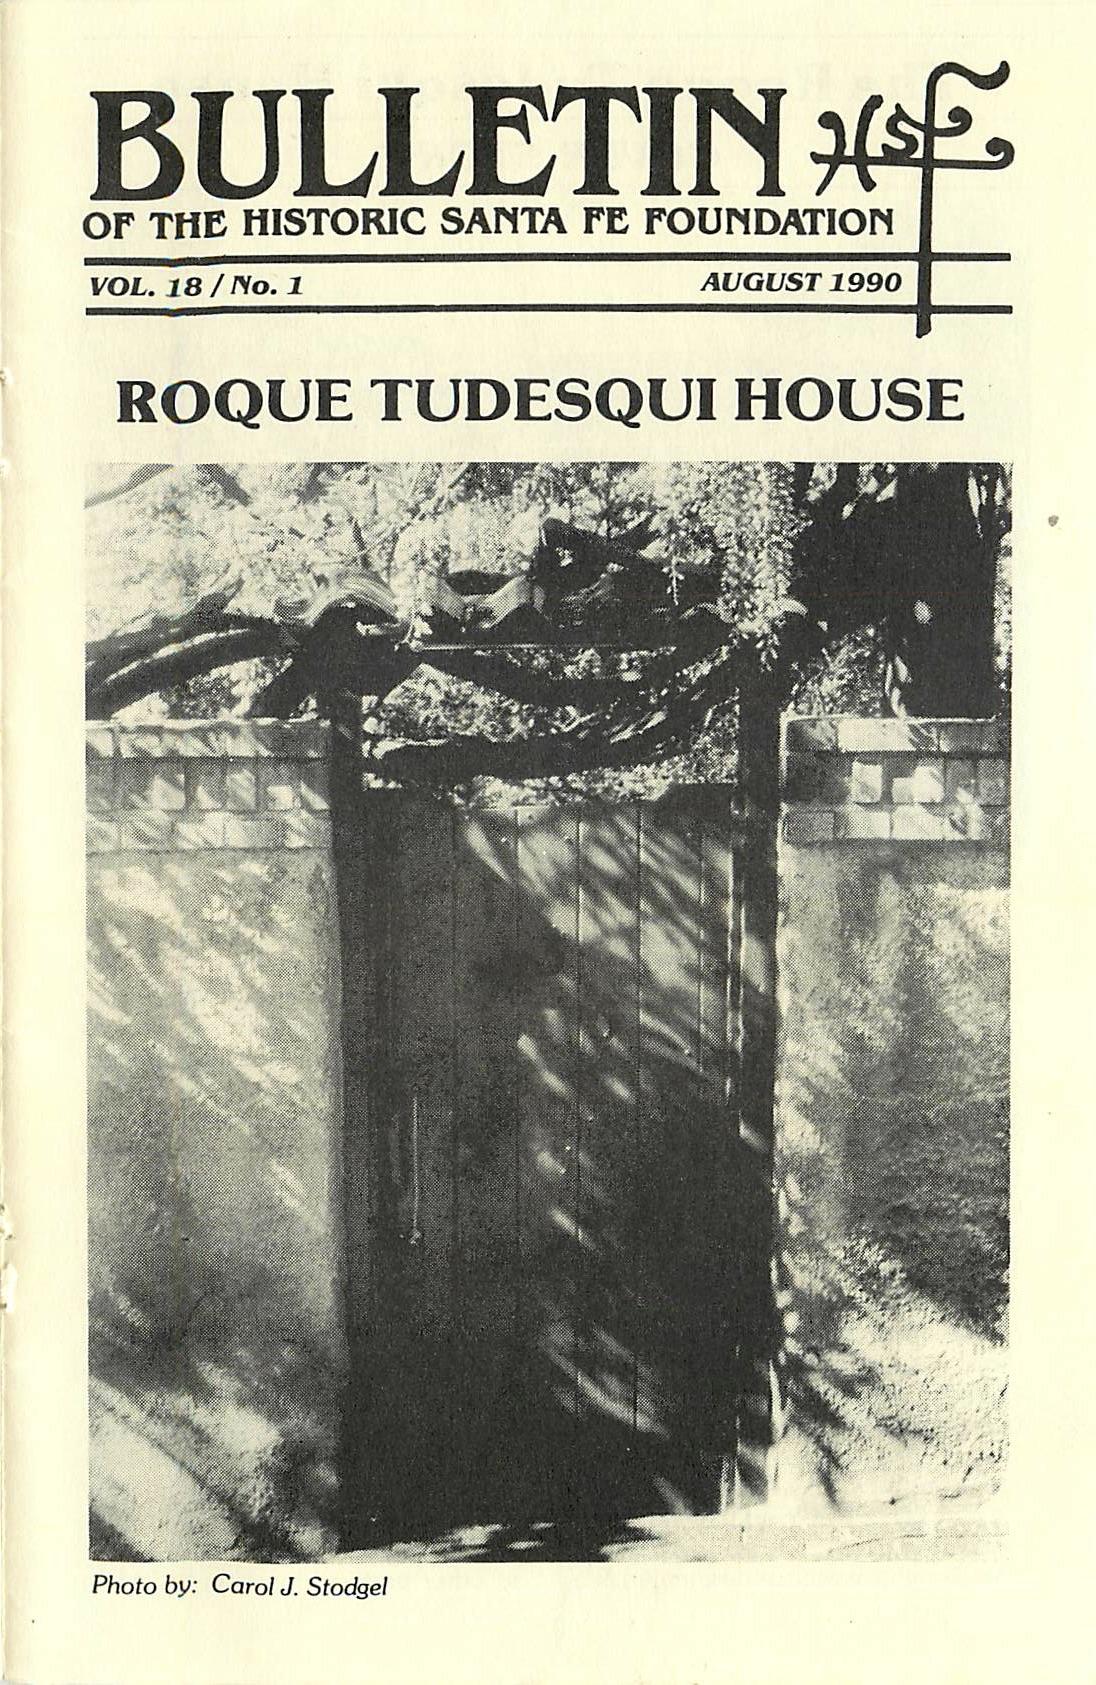 1990 HSFF Bulletin Vol.18 No.1 Cover